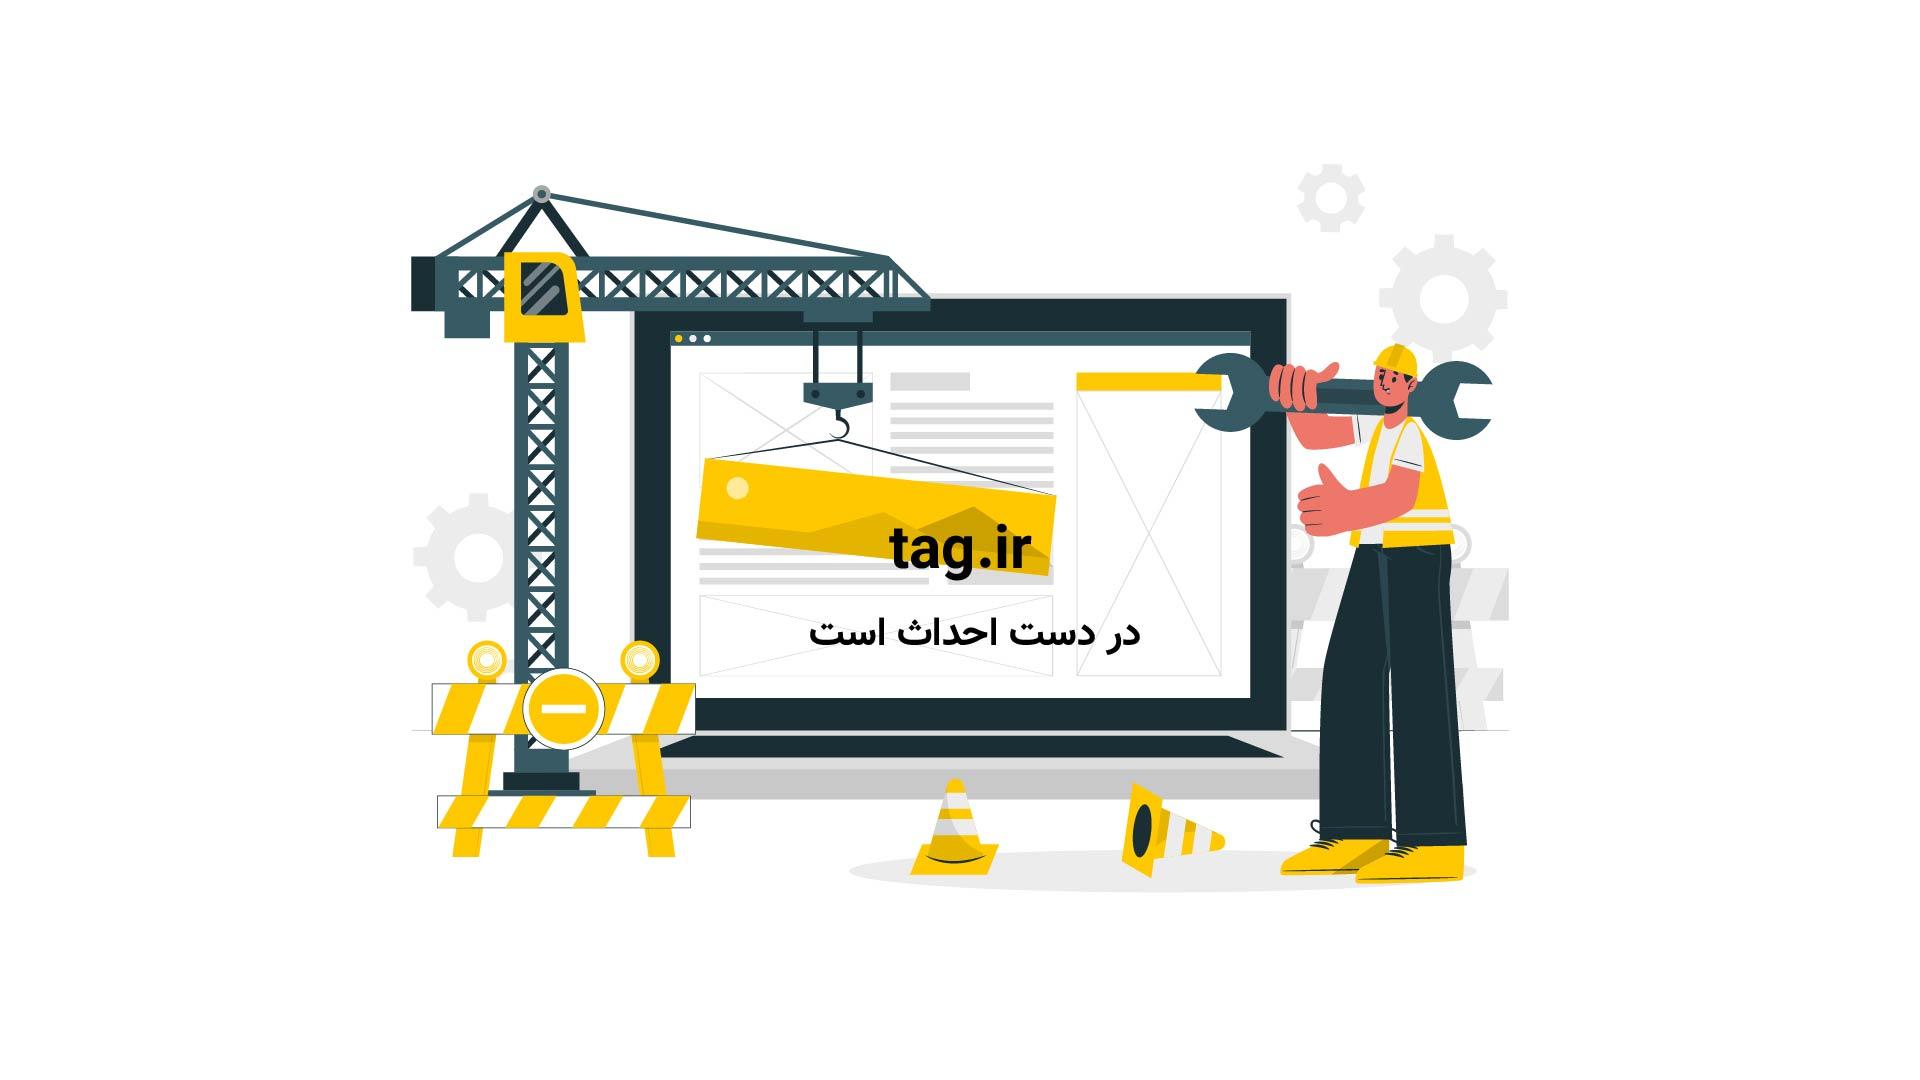 آب هویج | تگ